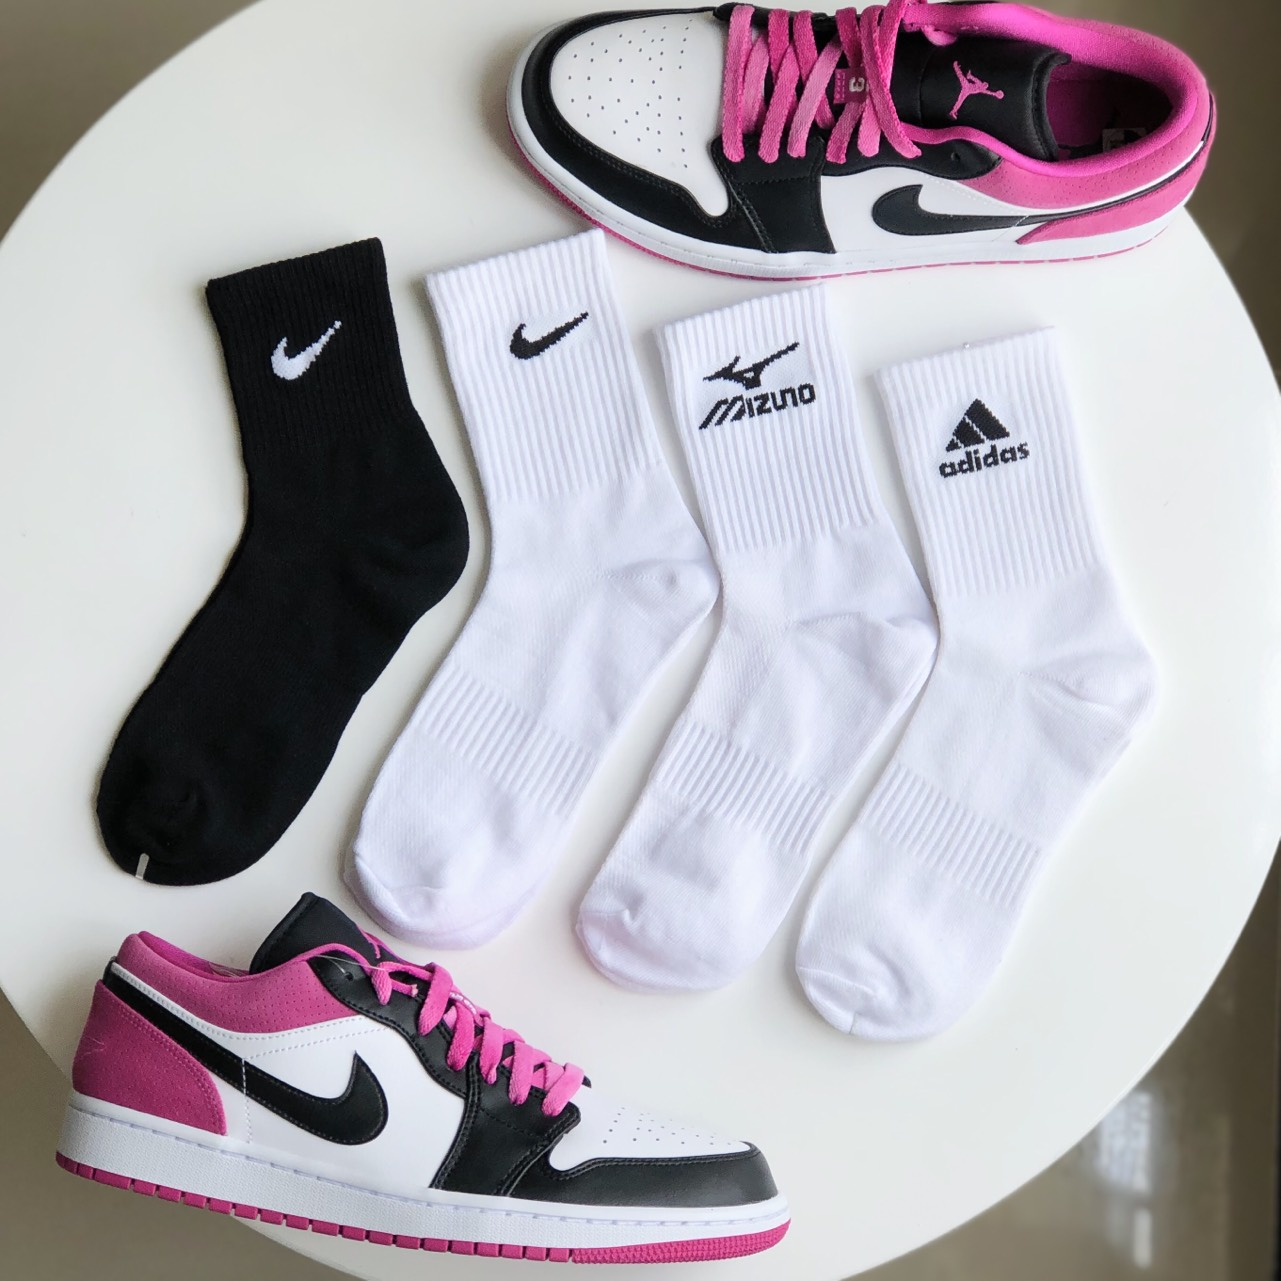 [HCM]Tất Cổ Cao - Vớ Nam Nữ Adidas Nike Mizuno Hàng VNXK Dệt Kim Chống Hôi Chân